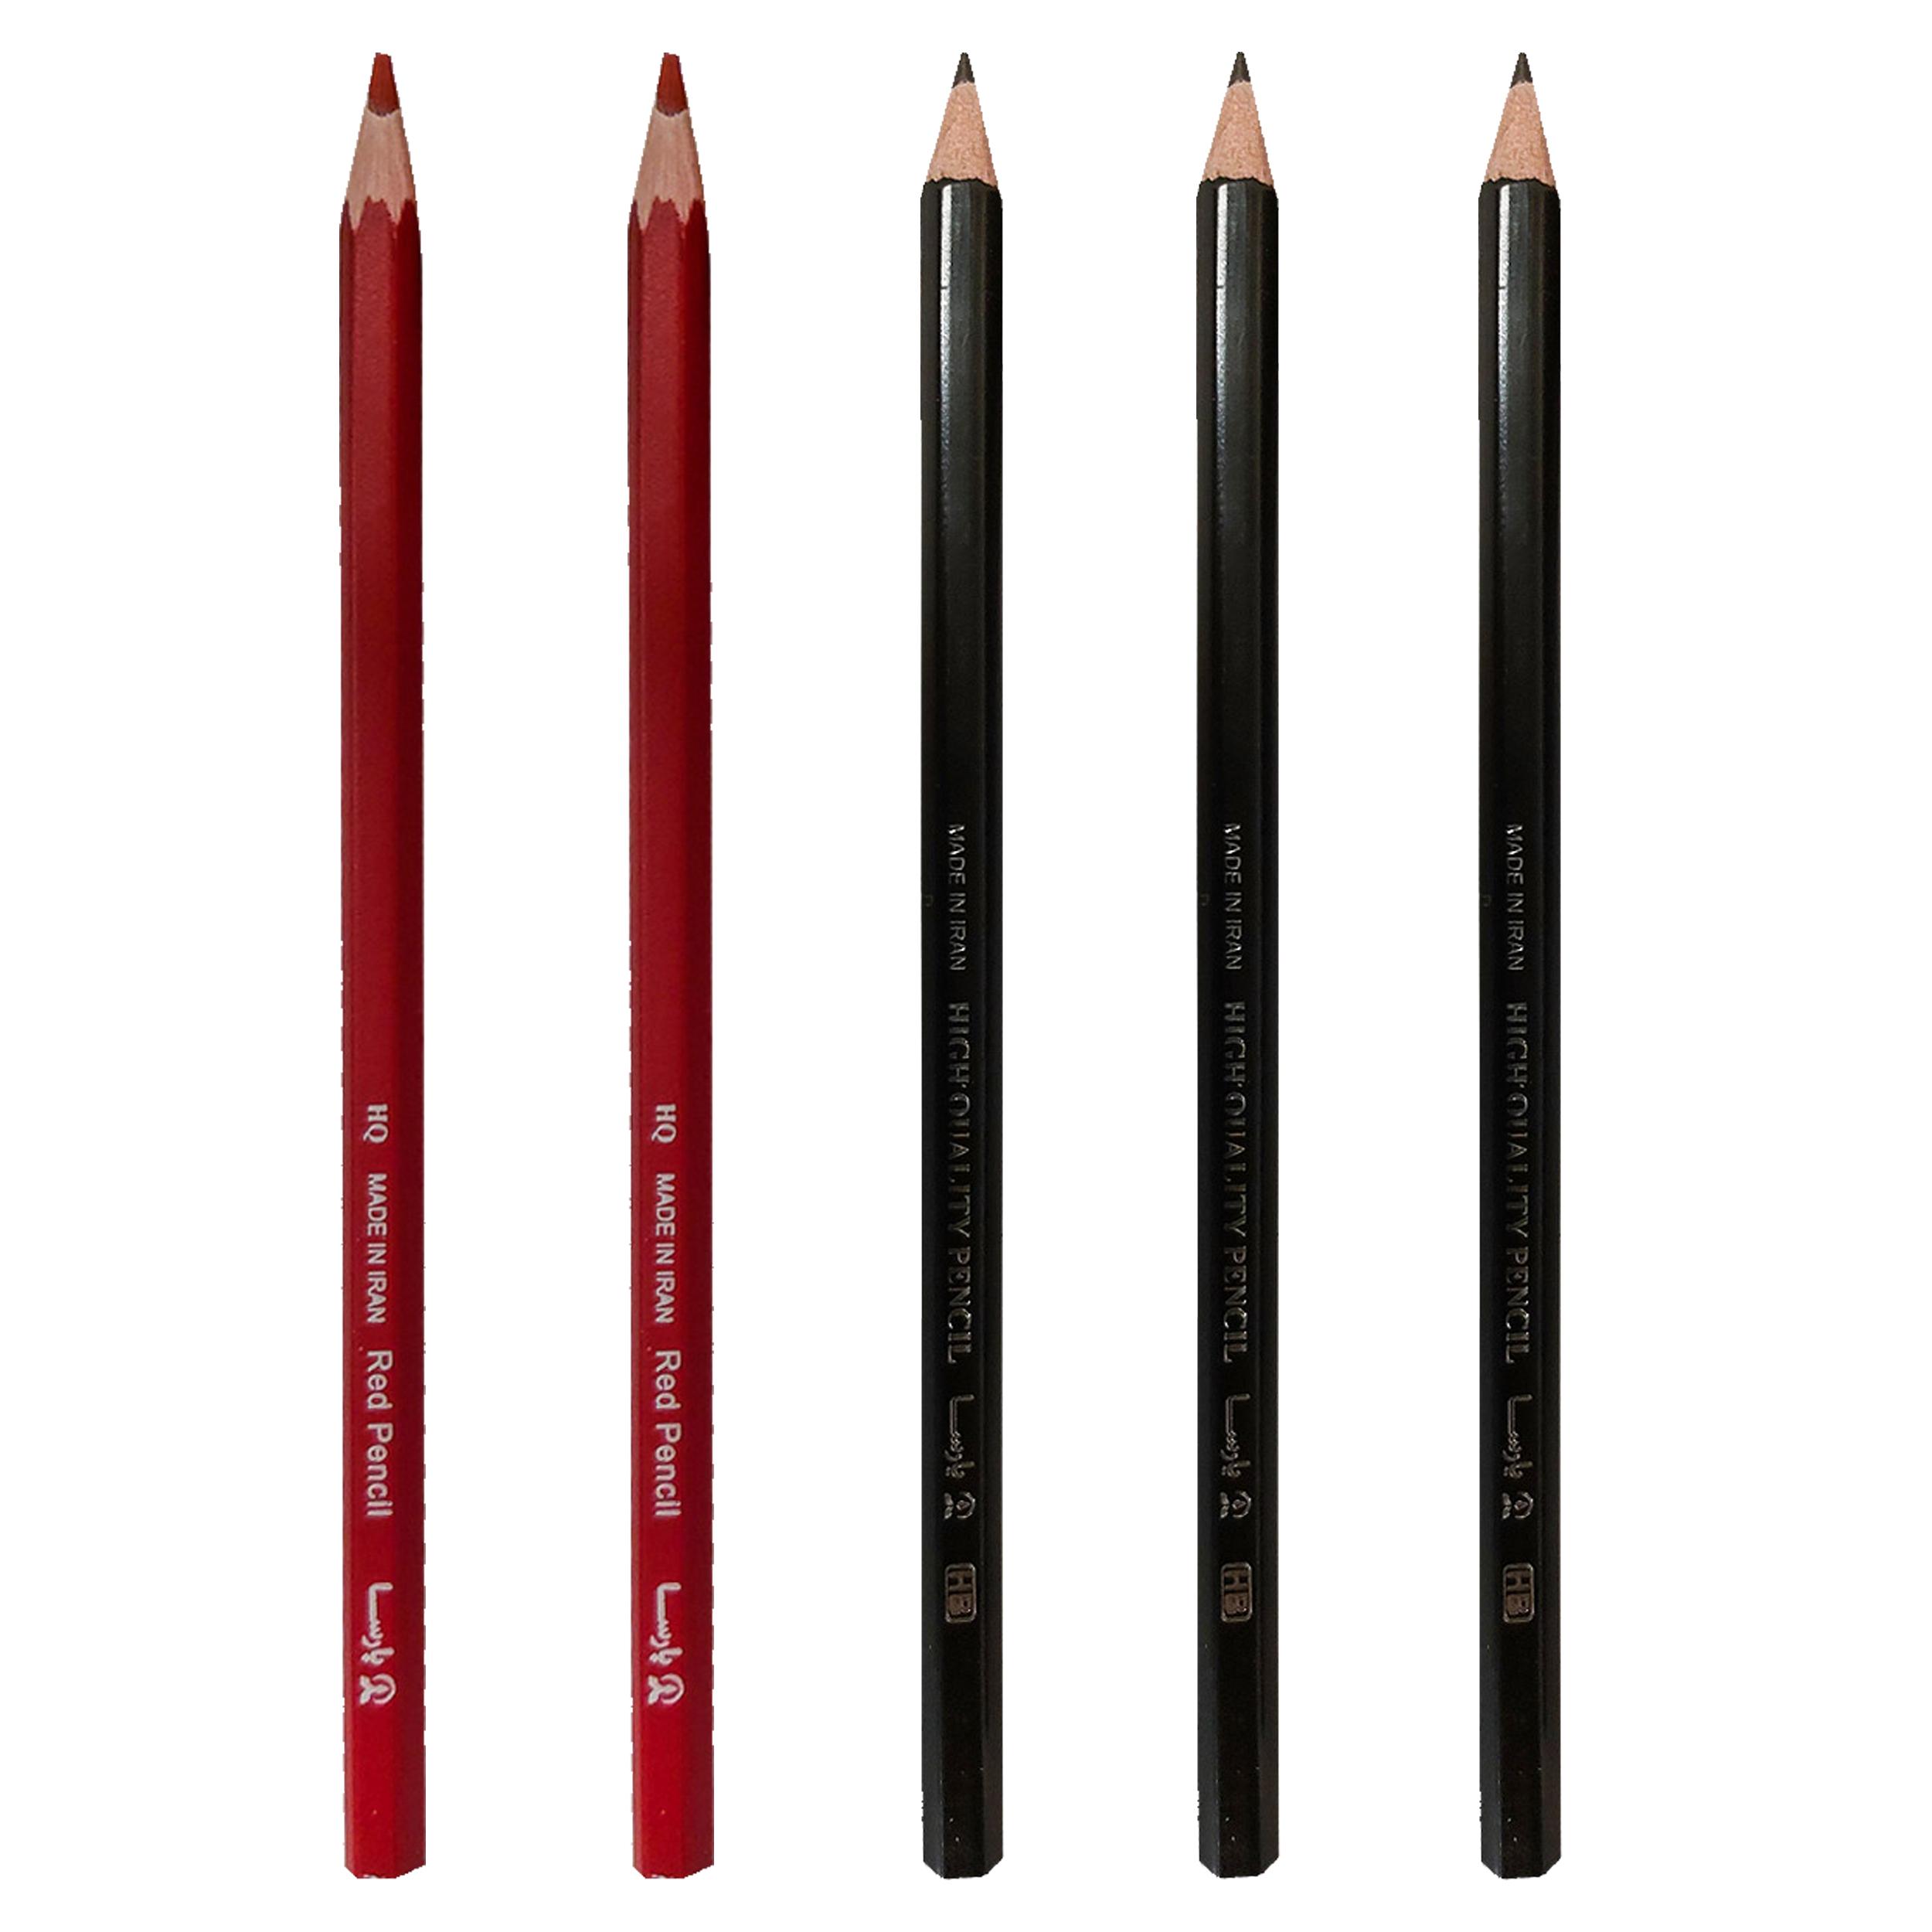 مداد پارسا کد 5 بسته 5 عددی